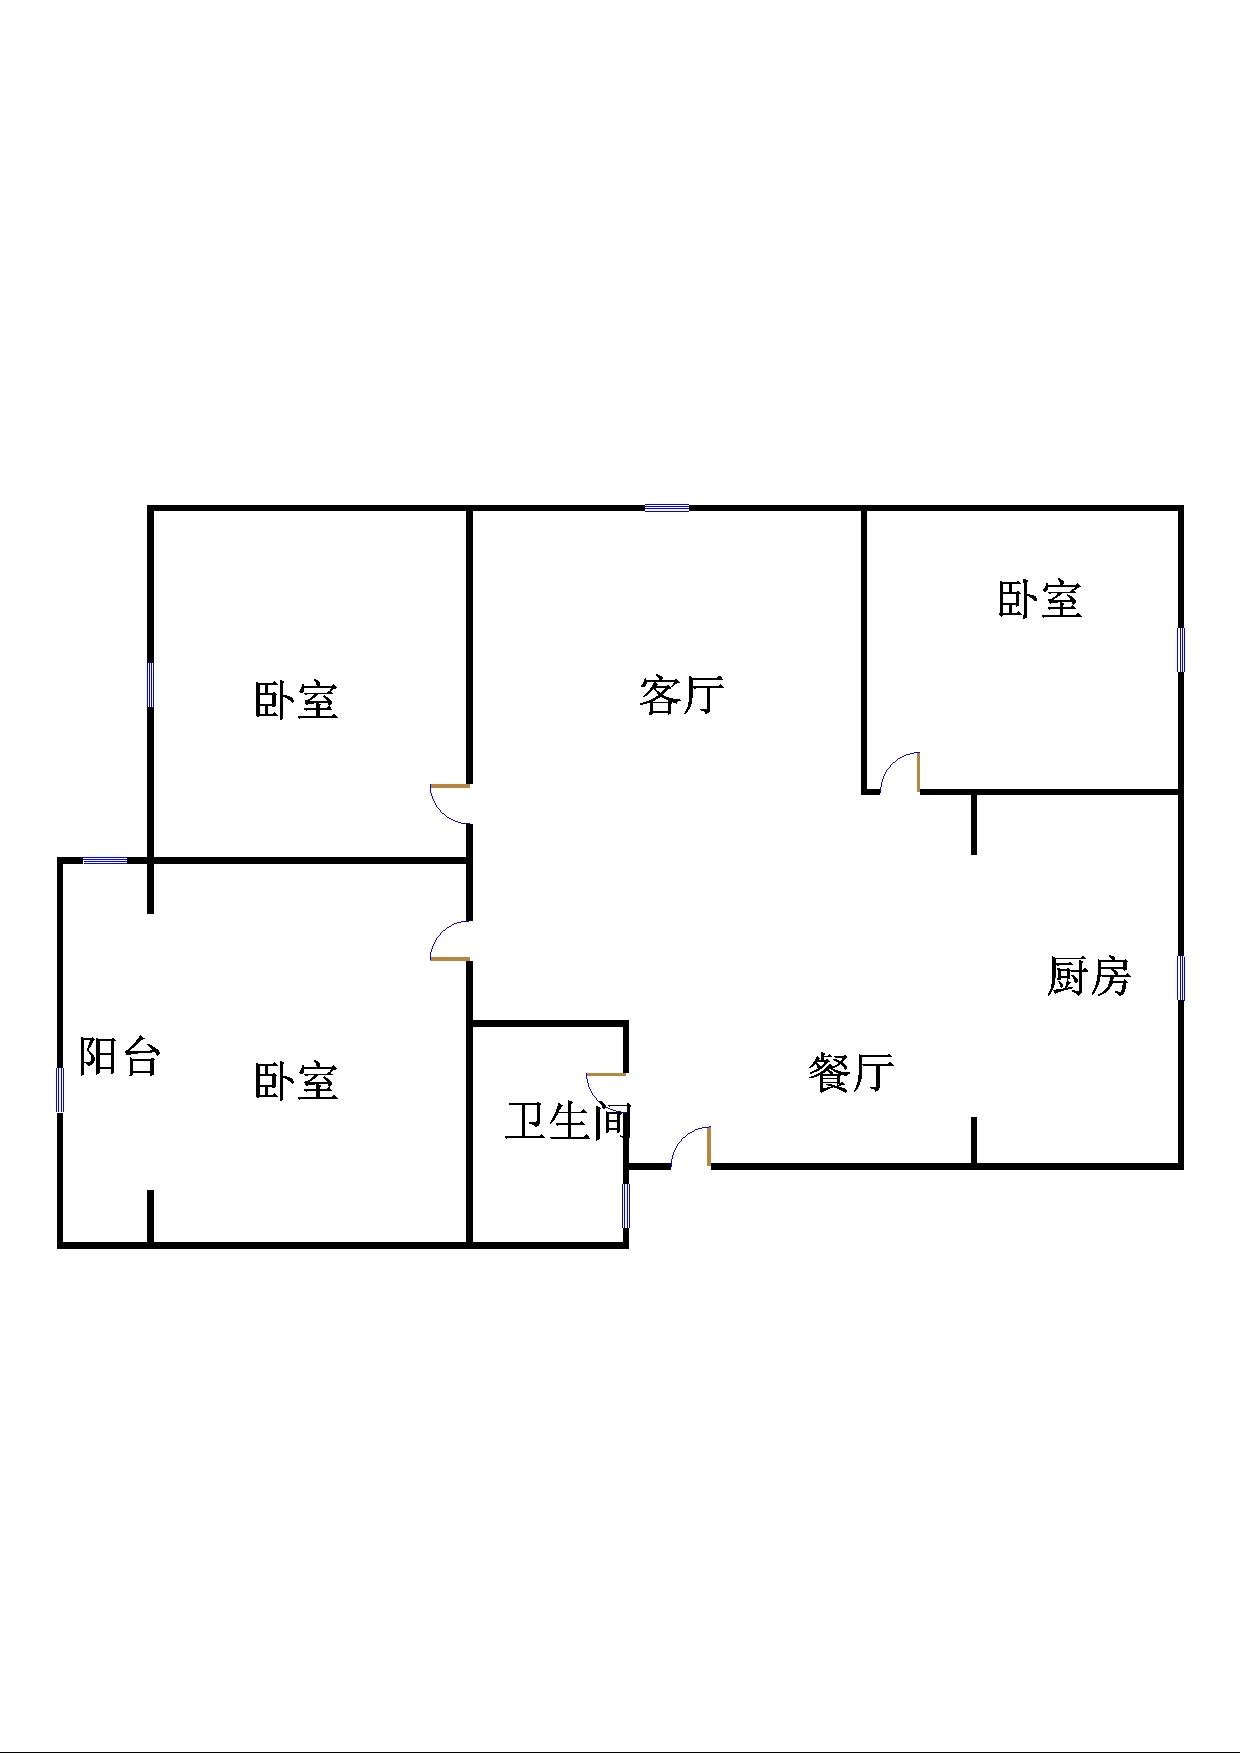 锦苑 3室2厅 5楼